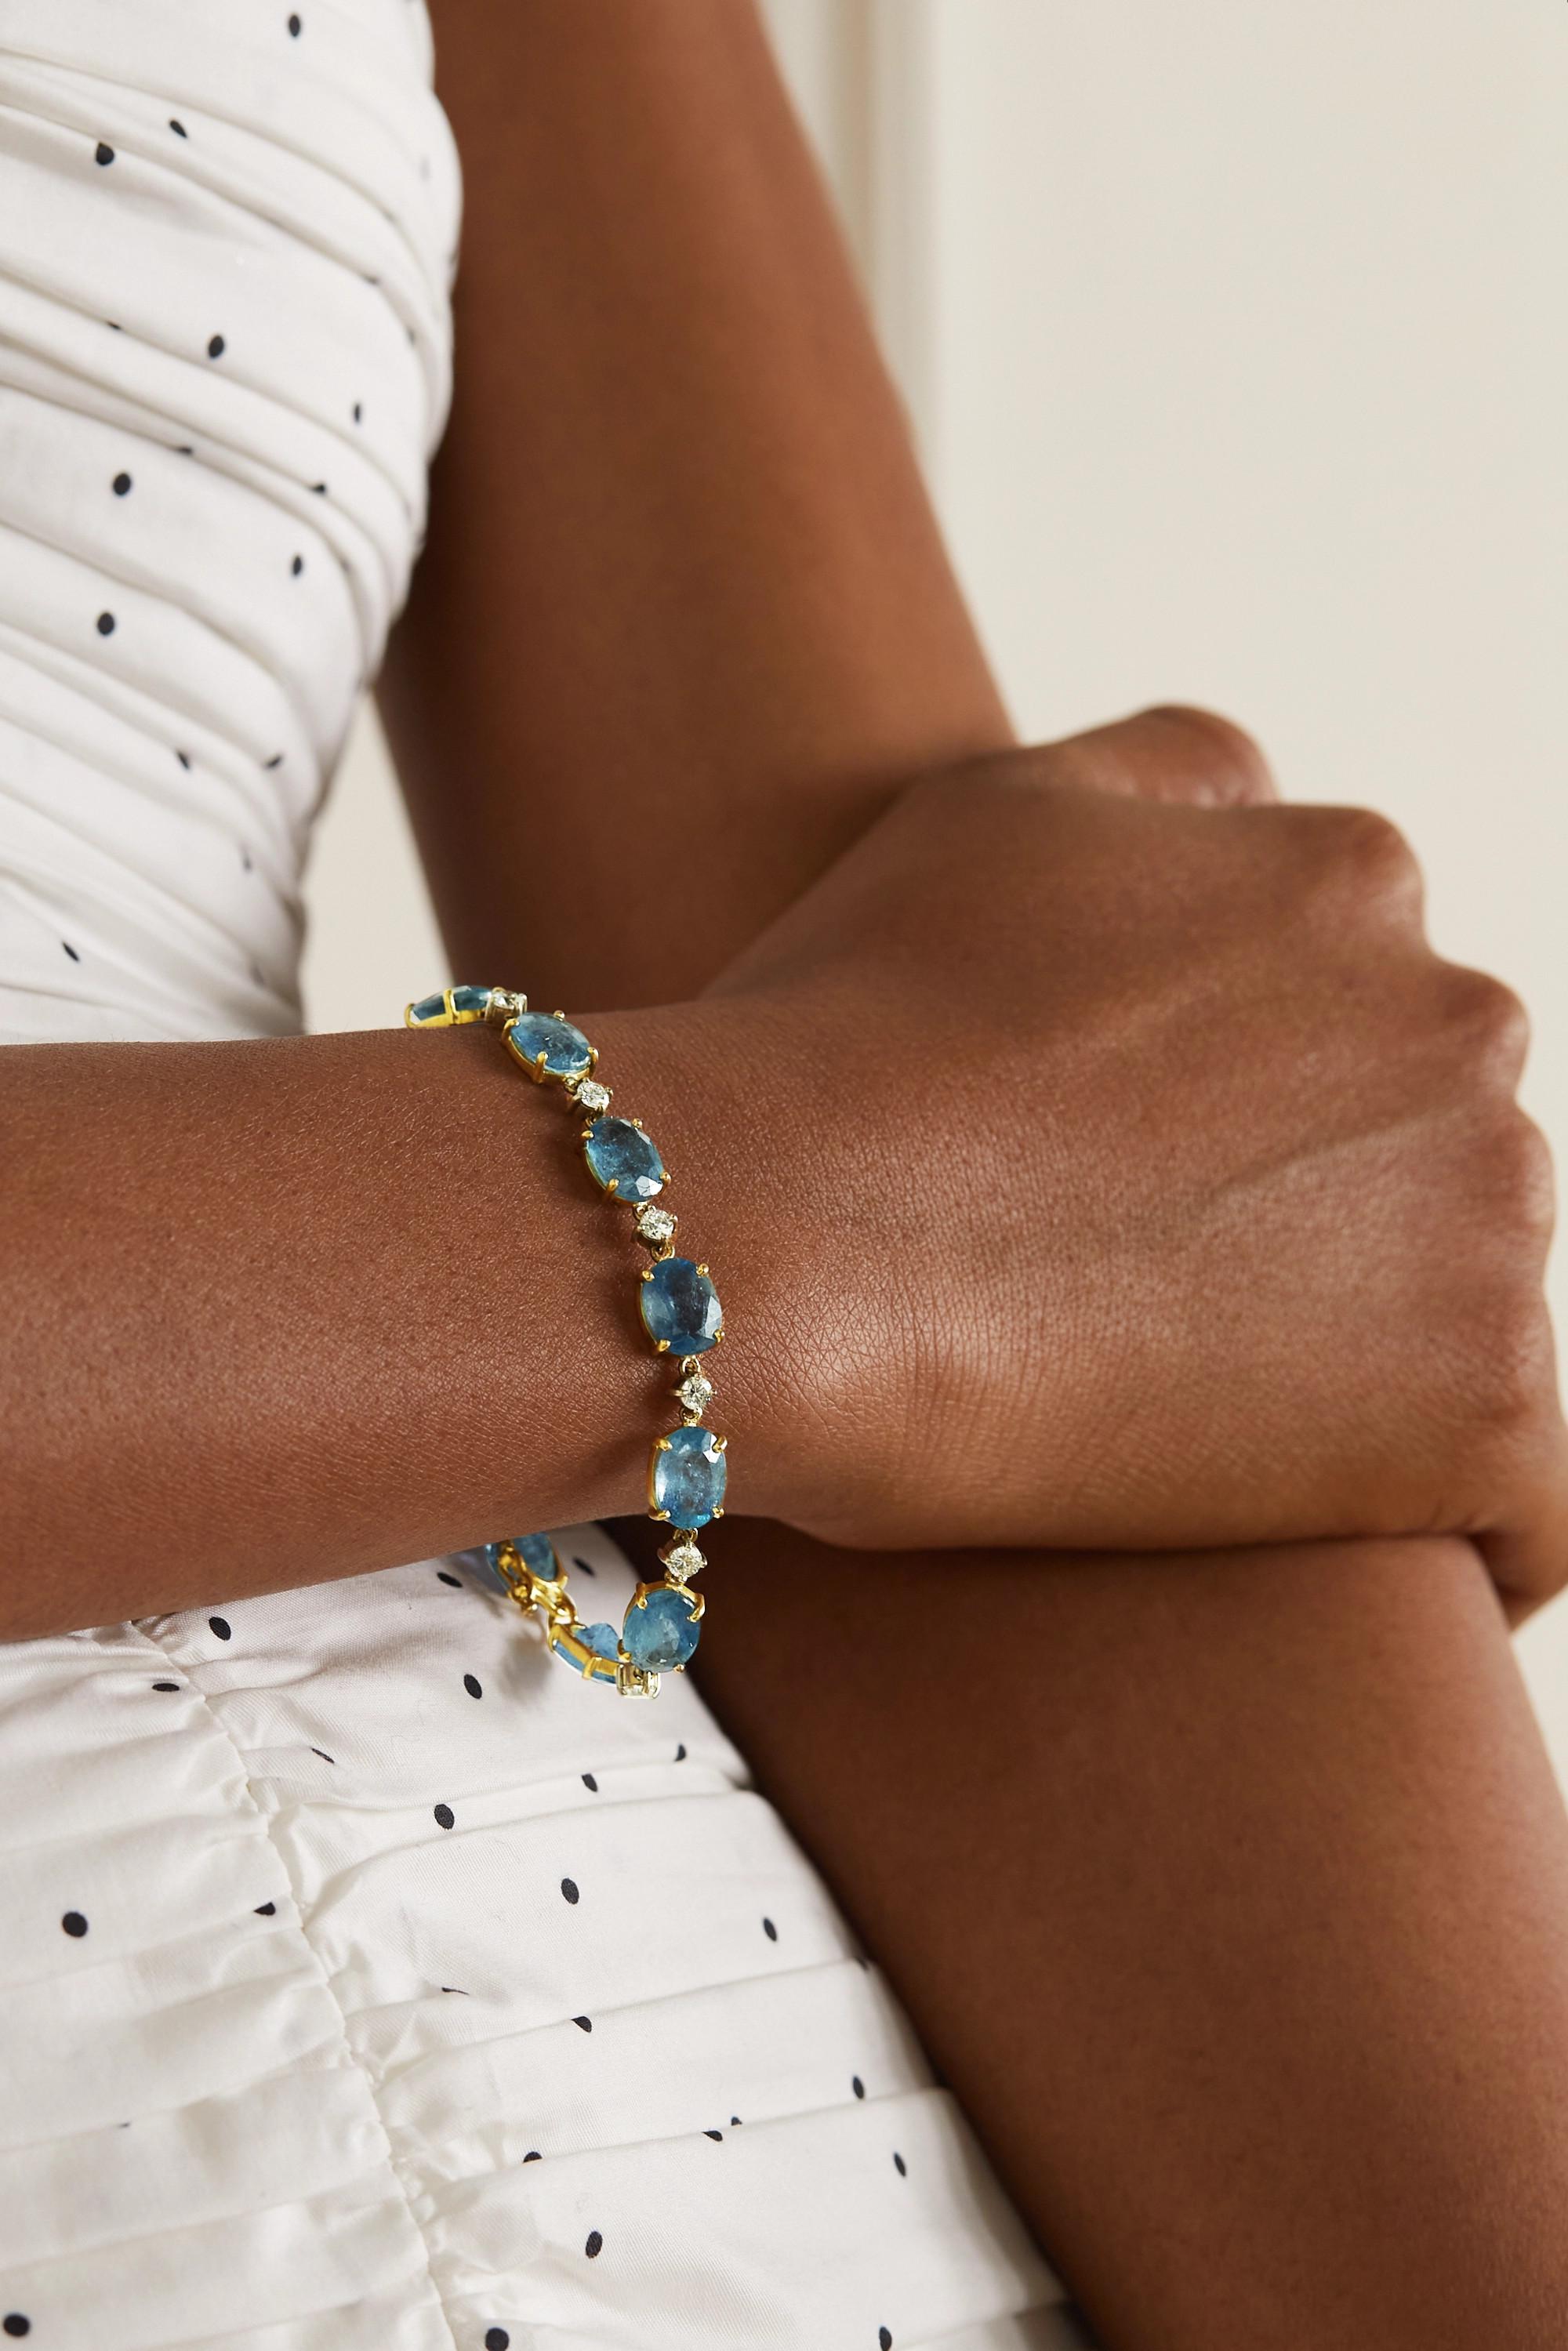 Irene Neuwirth Armband aus 18 Karat Gelb- und Weißgold mit Aquamarinen und Diamanten